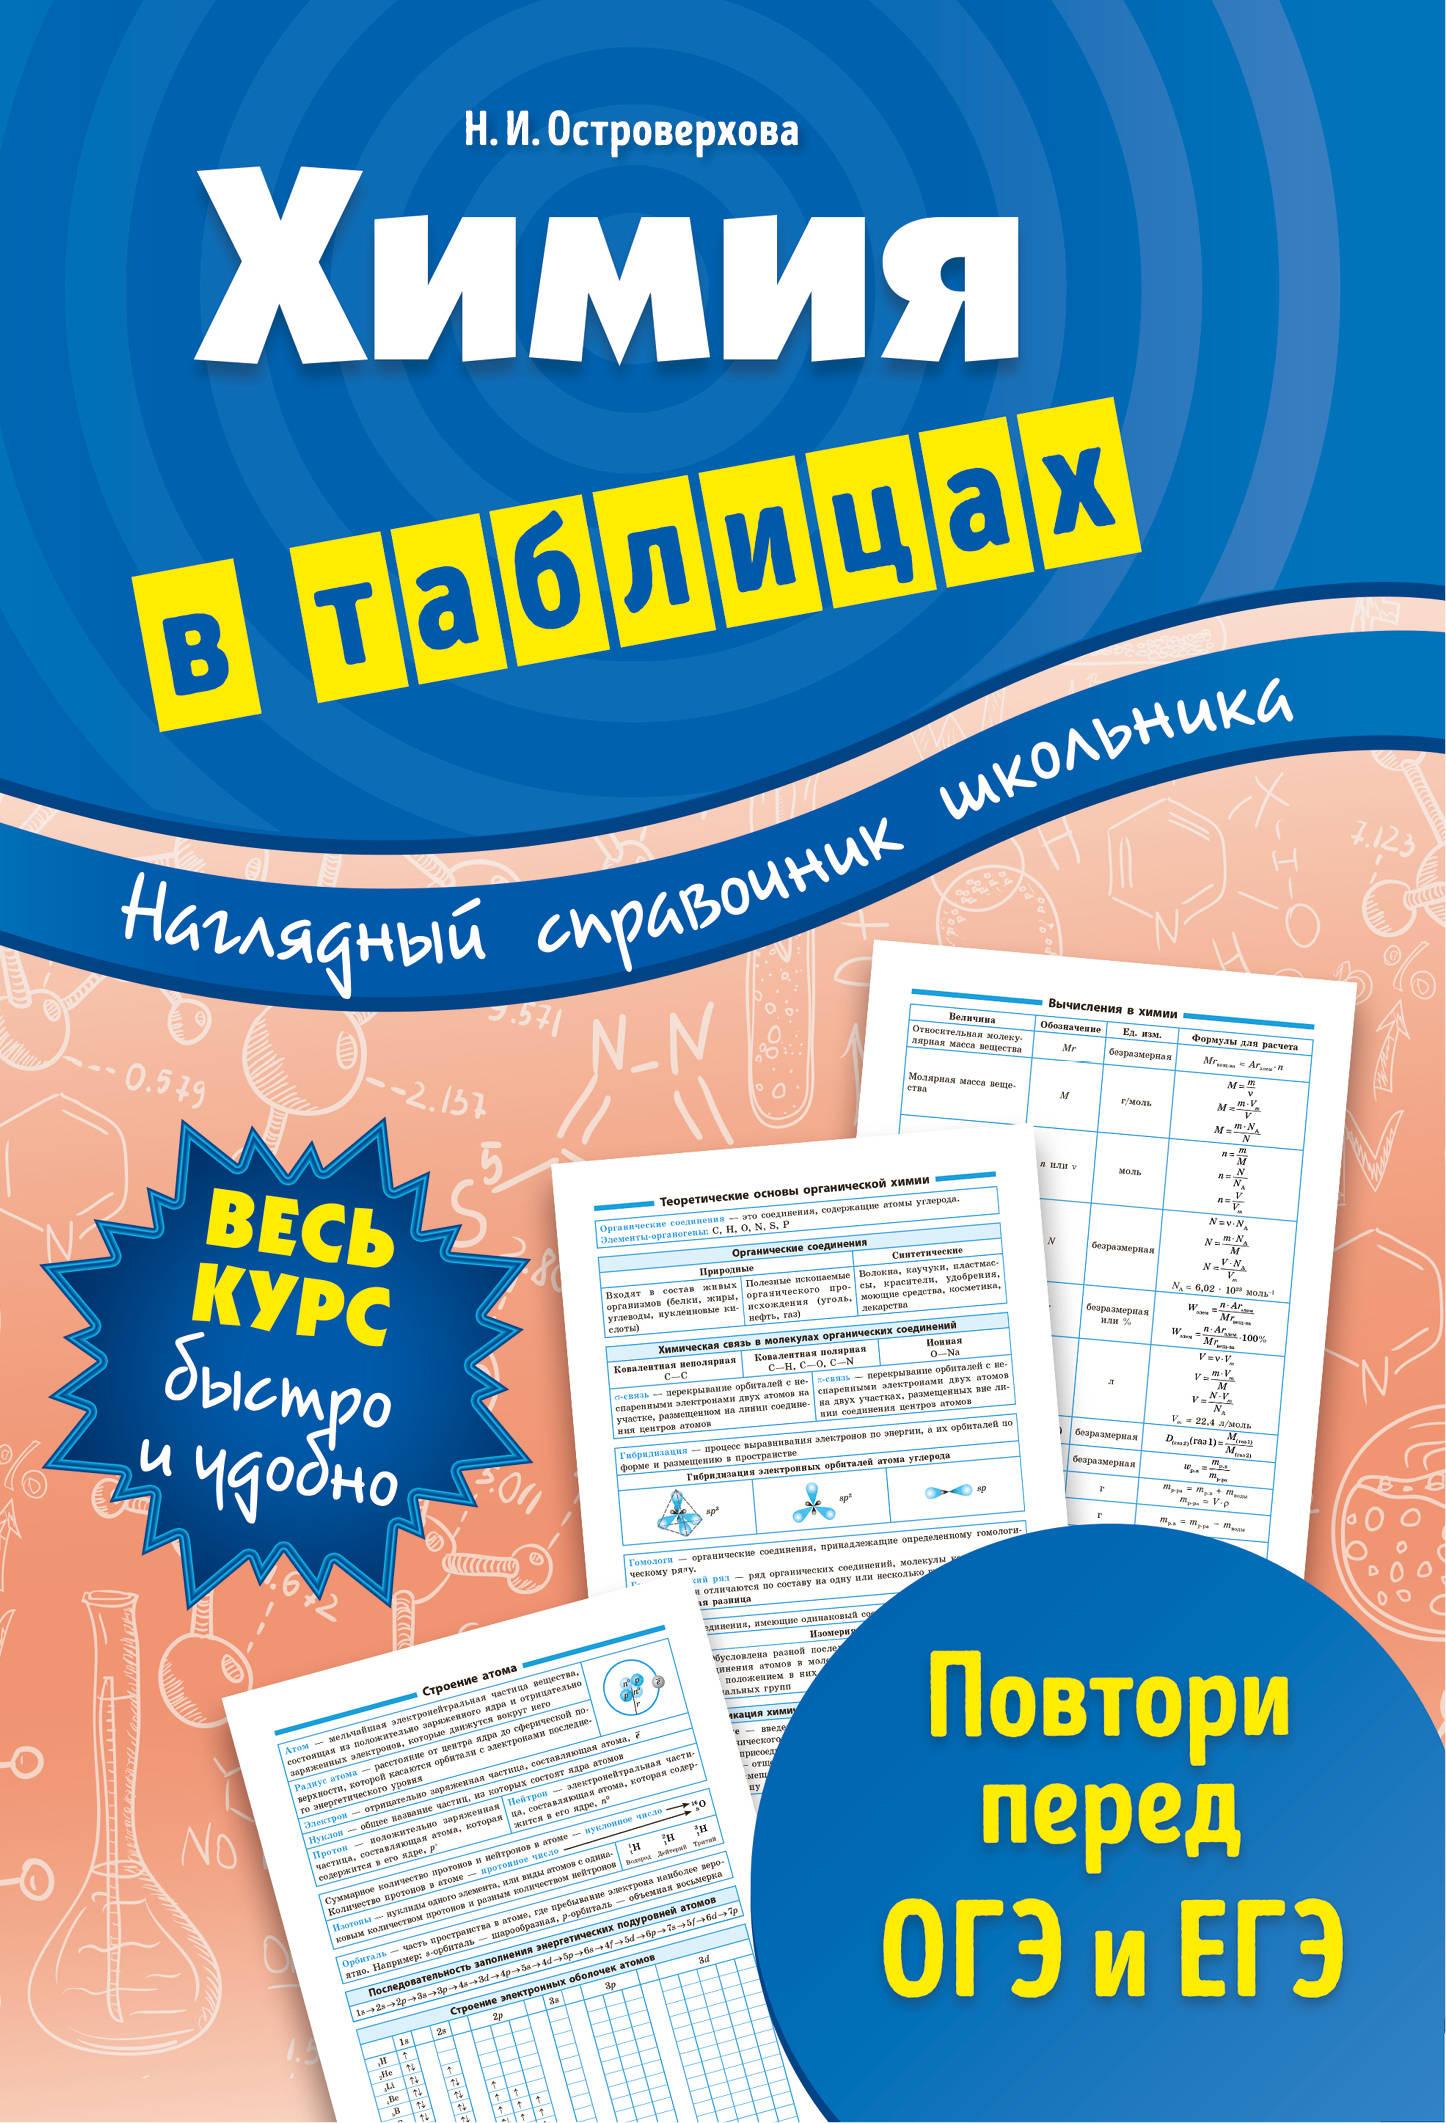 Островерхова Наталья Ивановна Химия в таблицах ISBN: 978-5-699-96242-6